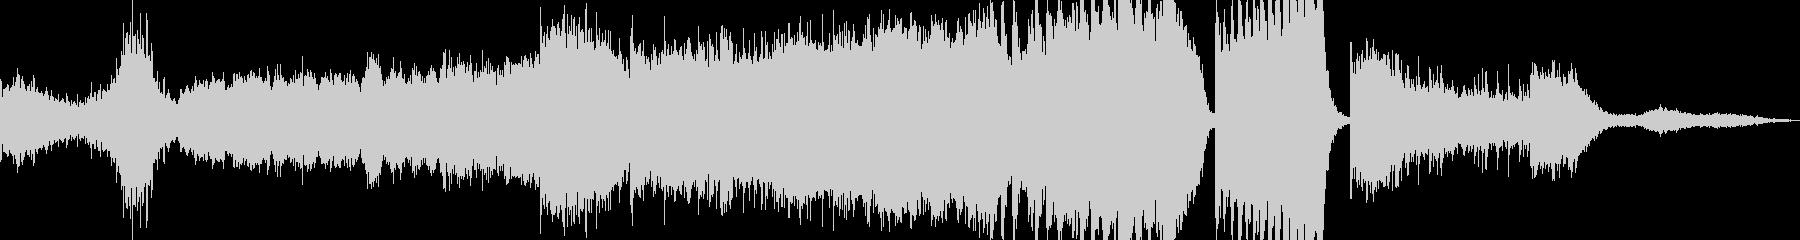 ストリングスによる壮大な長編曲の未再生の波形